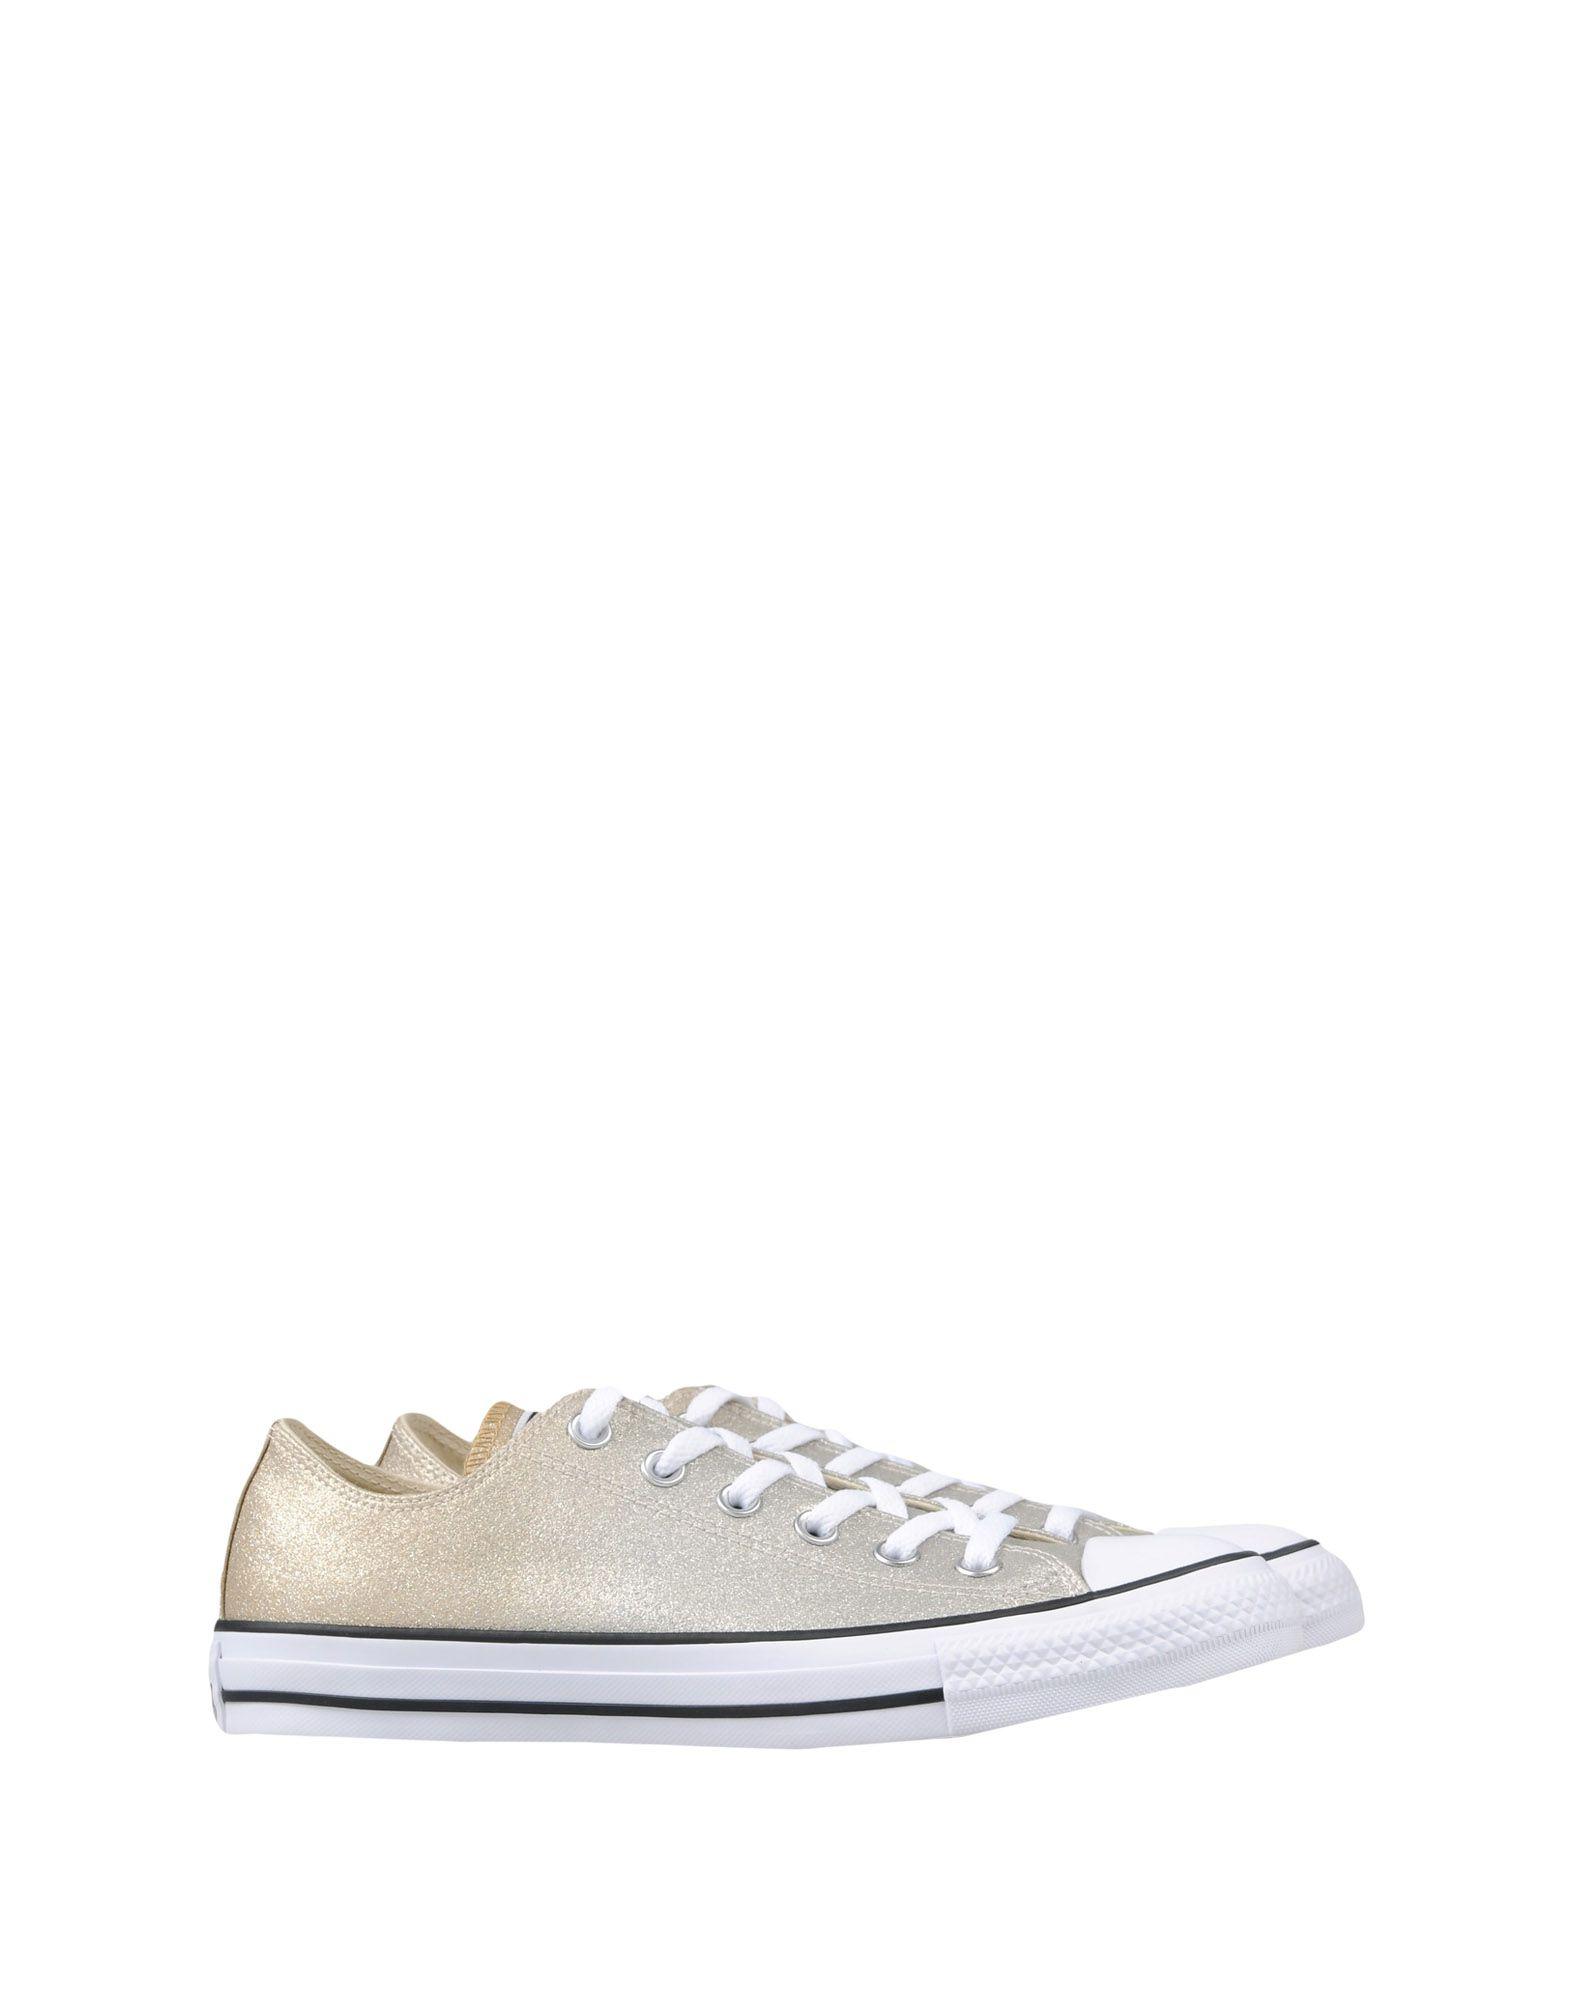 Converse All Star Ctas Ox Ombre Metallic  11437555IM Gute Qualität beliebte Schuhe